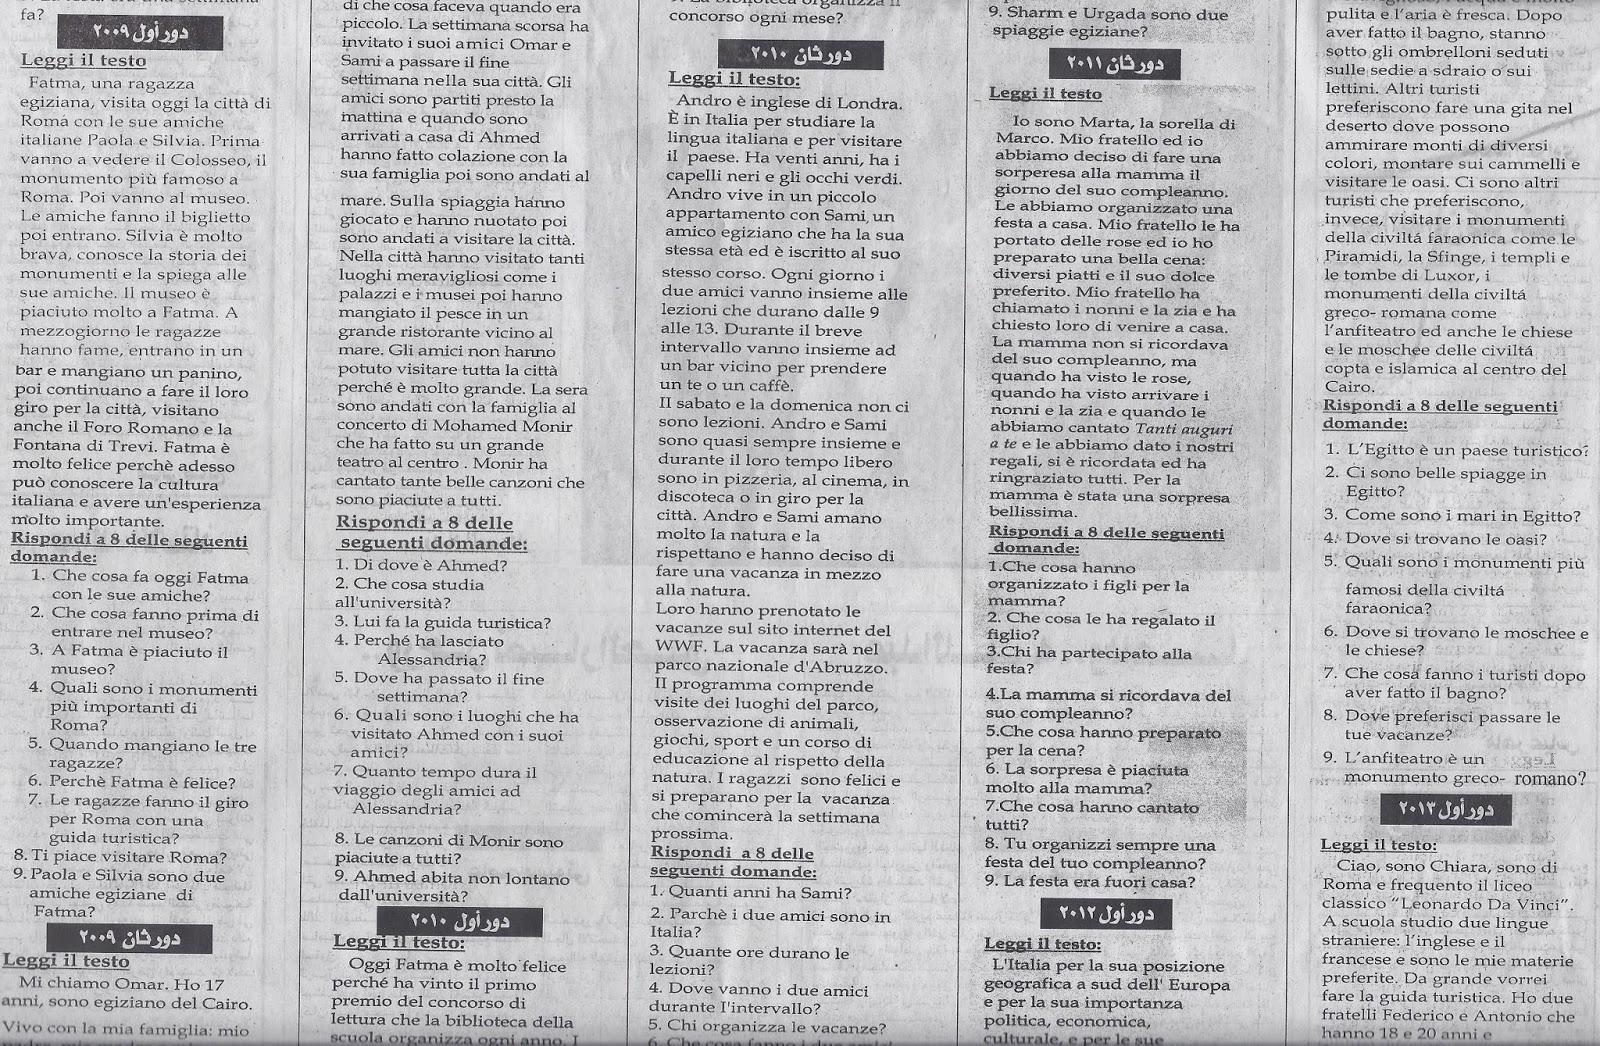 بنك اسئلة امتحانات السنوات السابقة في اللغة الايطالية ... لثالثة ثانوى ملحق الجمهورية التعليمي Scan0006